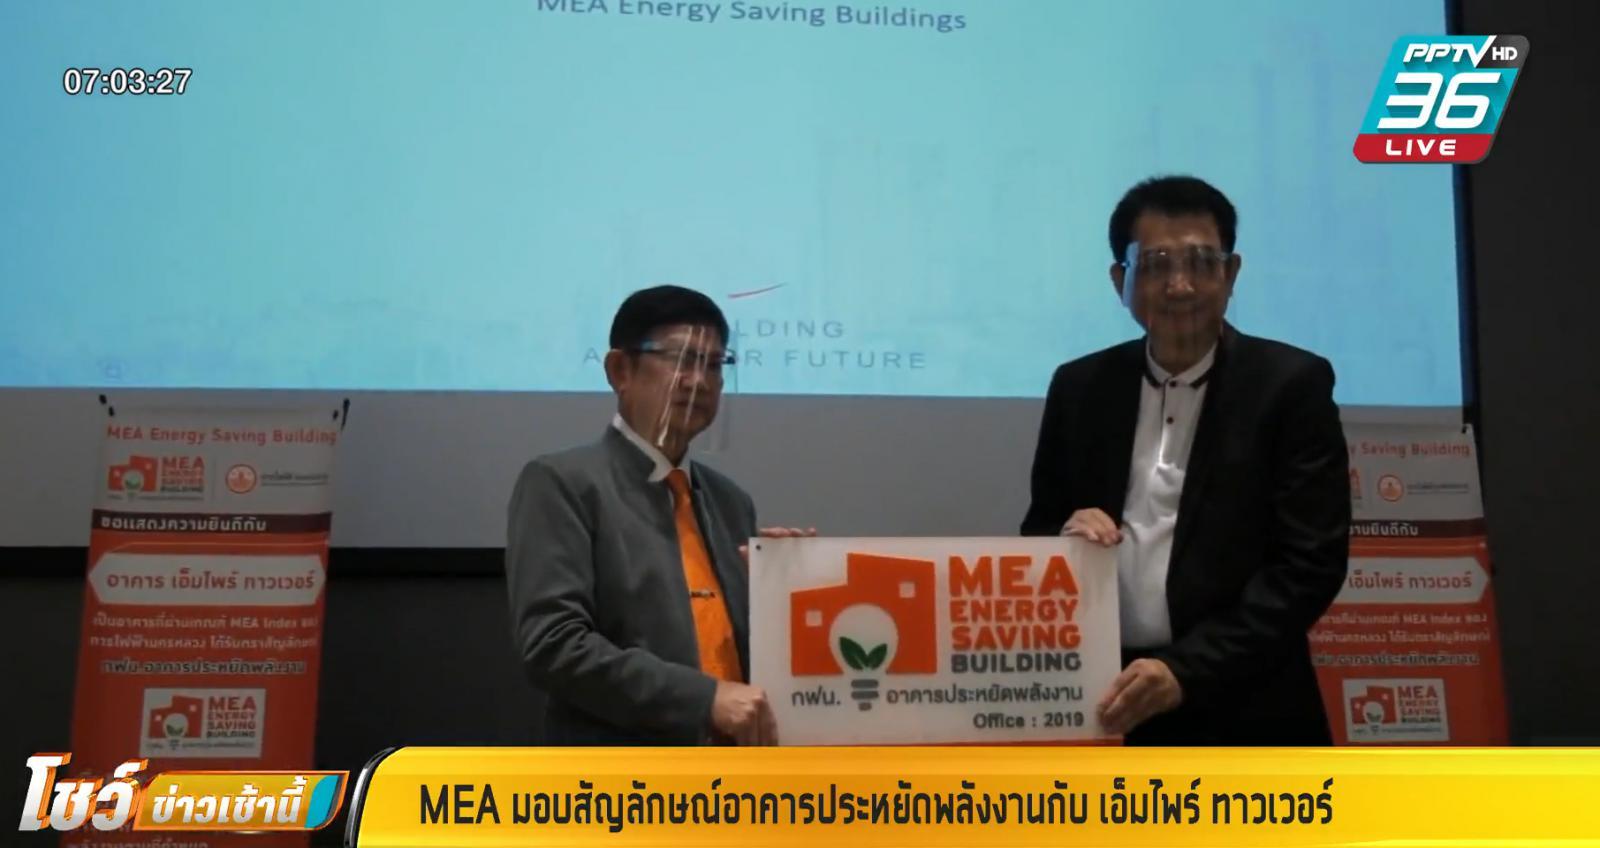 MEA มอบสัญลักษณ์อาคารประหยัดพลังงานกับ เอ็มไพร์ ทาวเวอร์